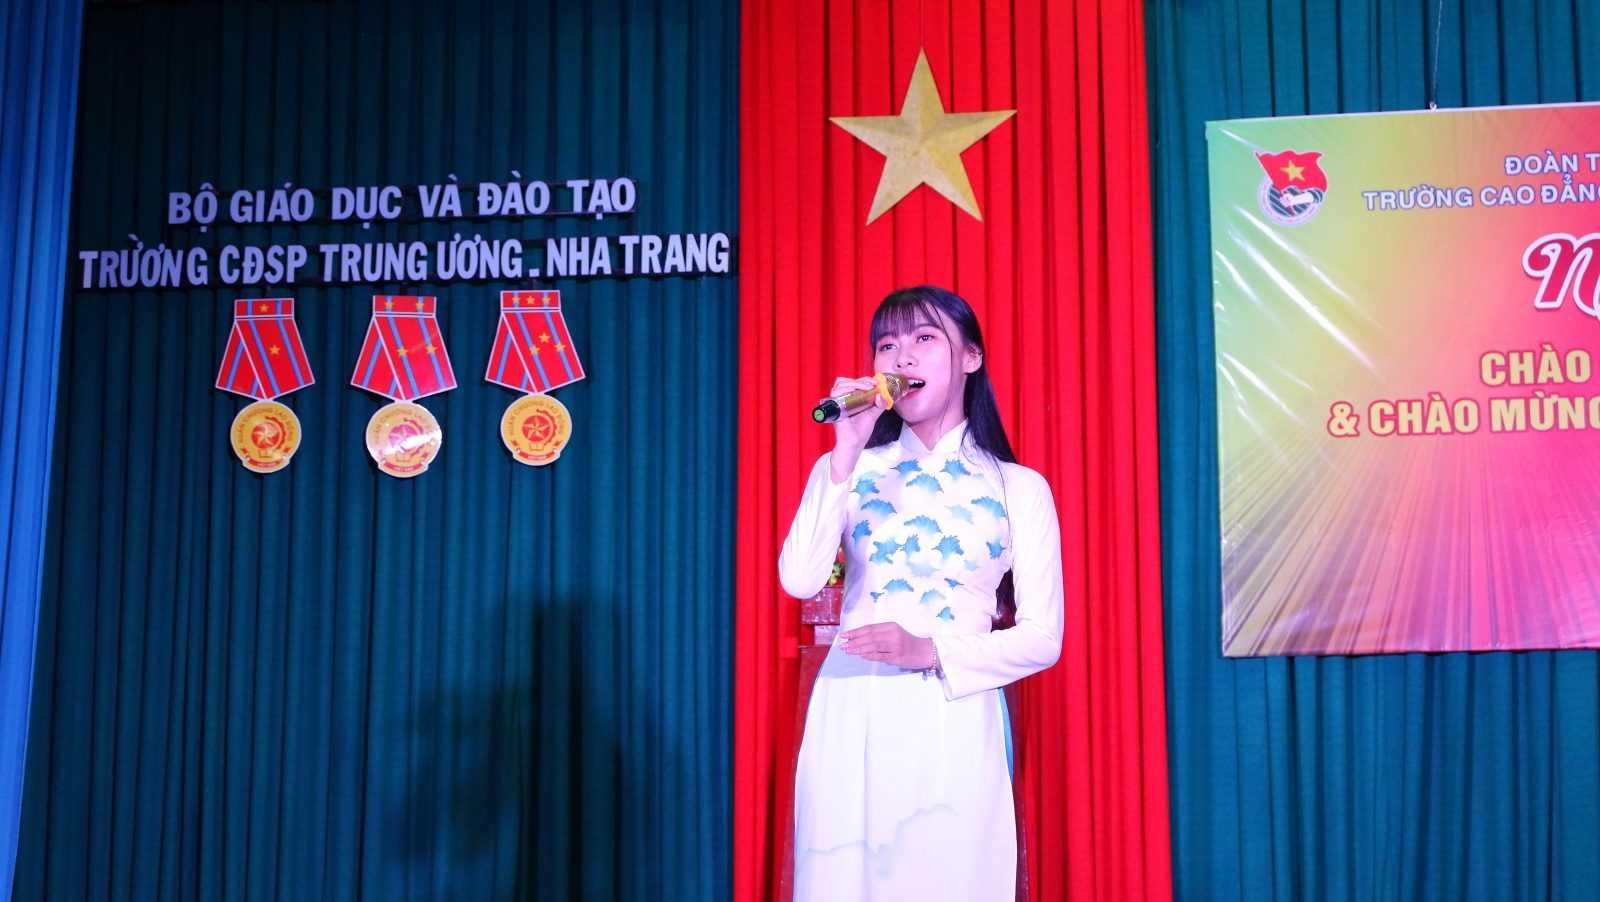 TRƯỜNG CĐSP TRUNG ƯƠNG NHA TRANG: Dạ hội chào tân sinh viên và chào mừng Năm học mới 2019 - 2020 10